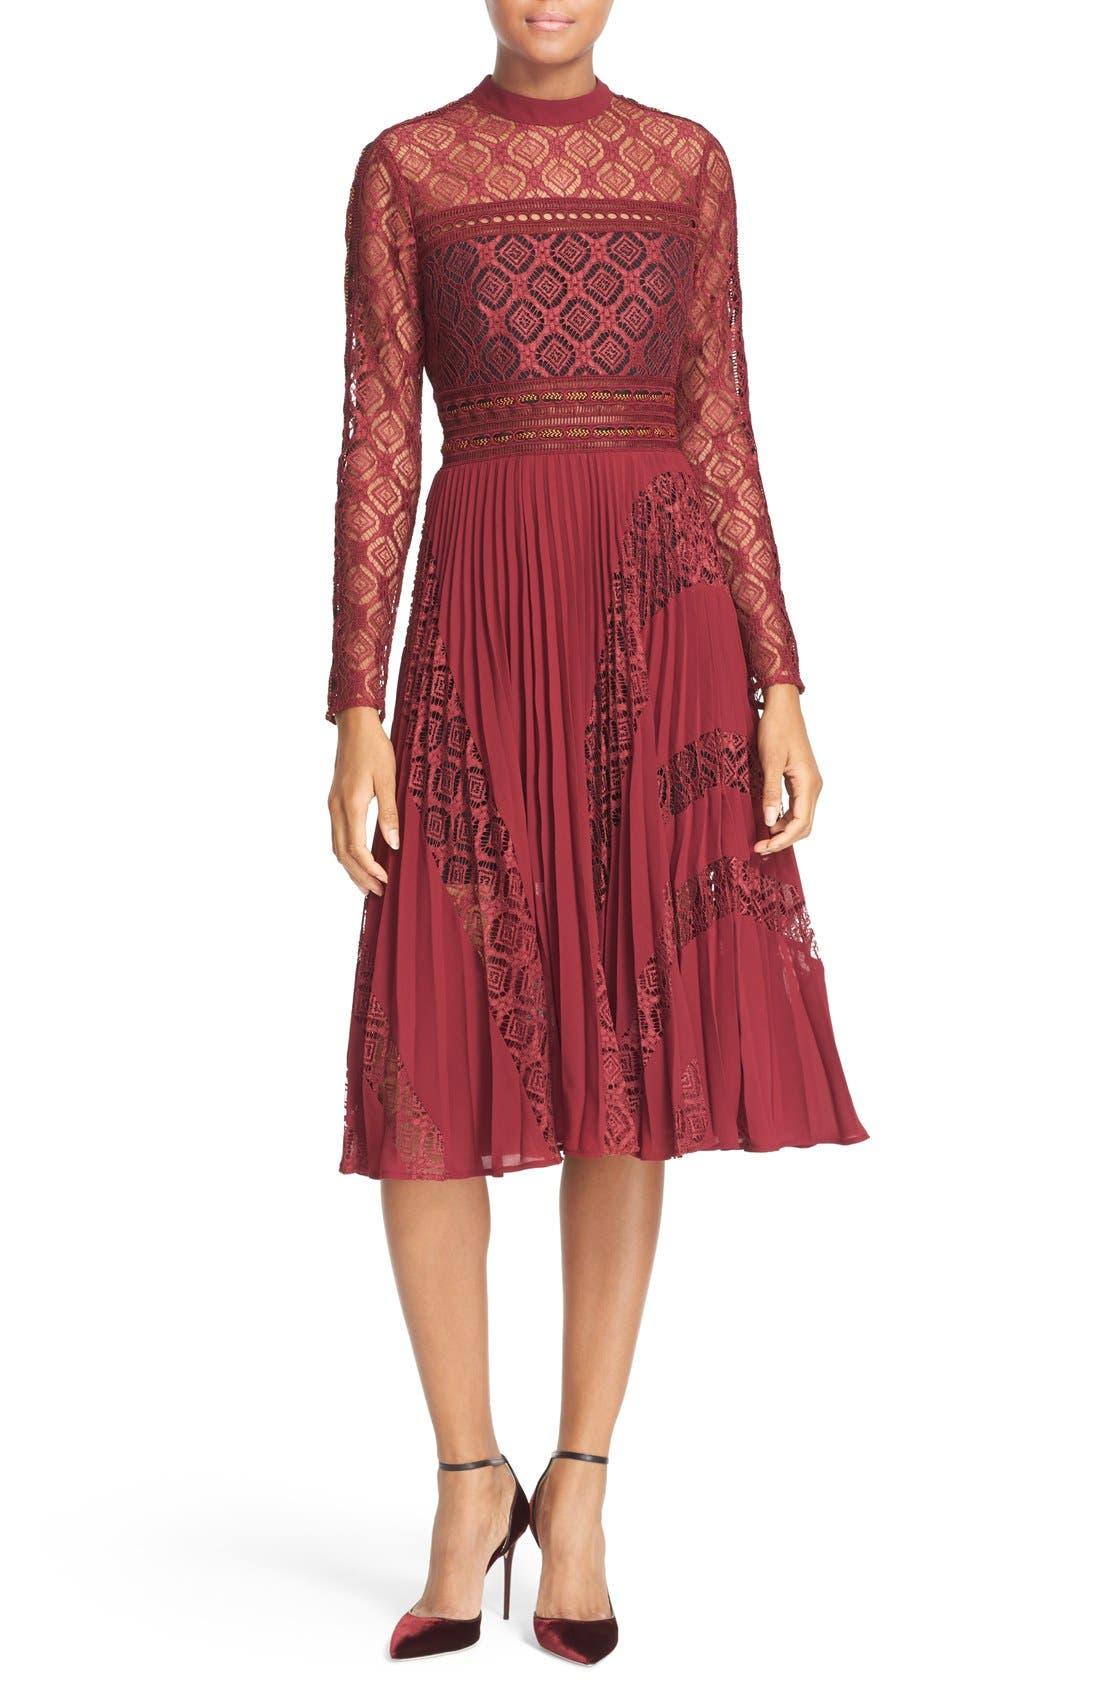 Main Image - Self-Portrait Symm Lace & Chiffon Midi Dress